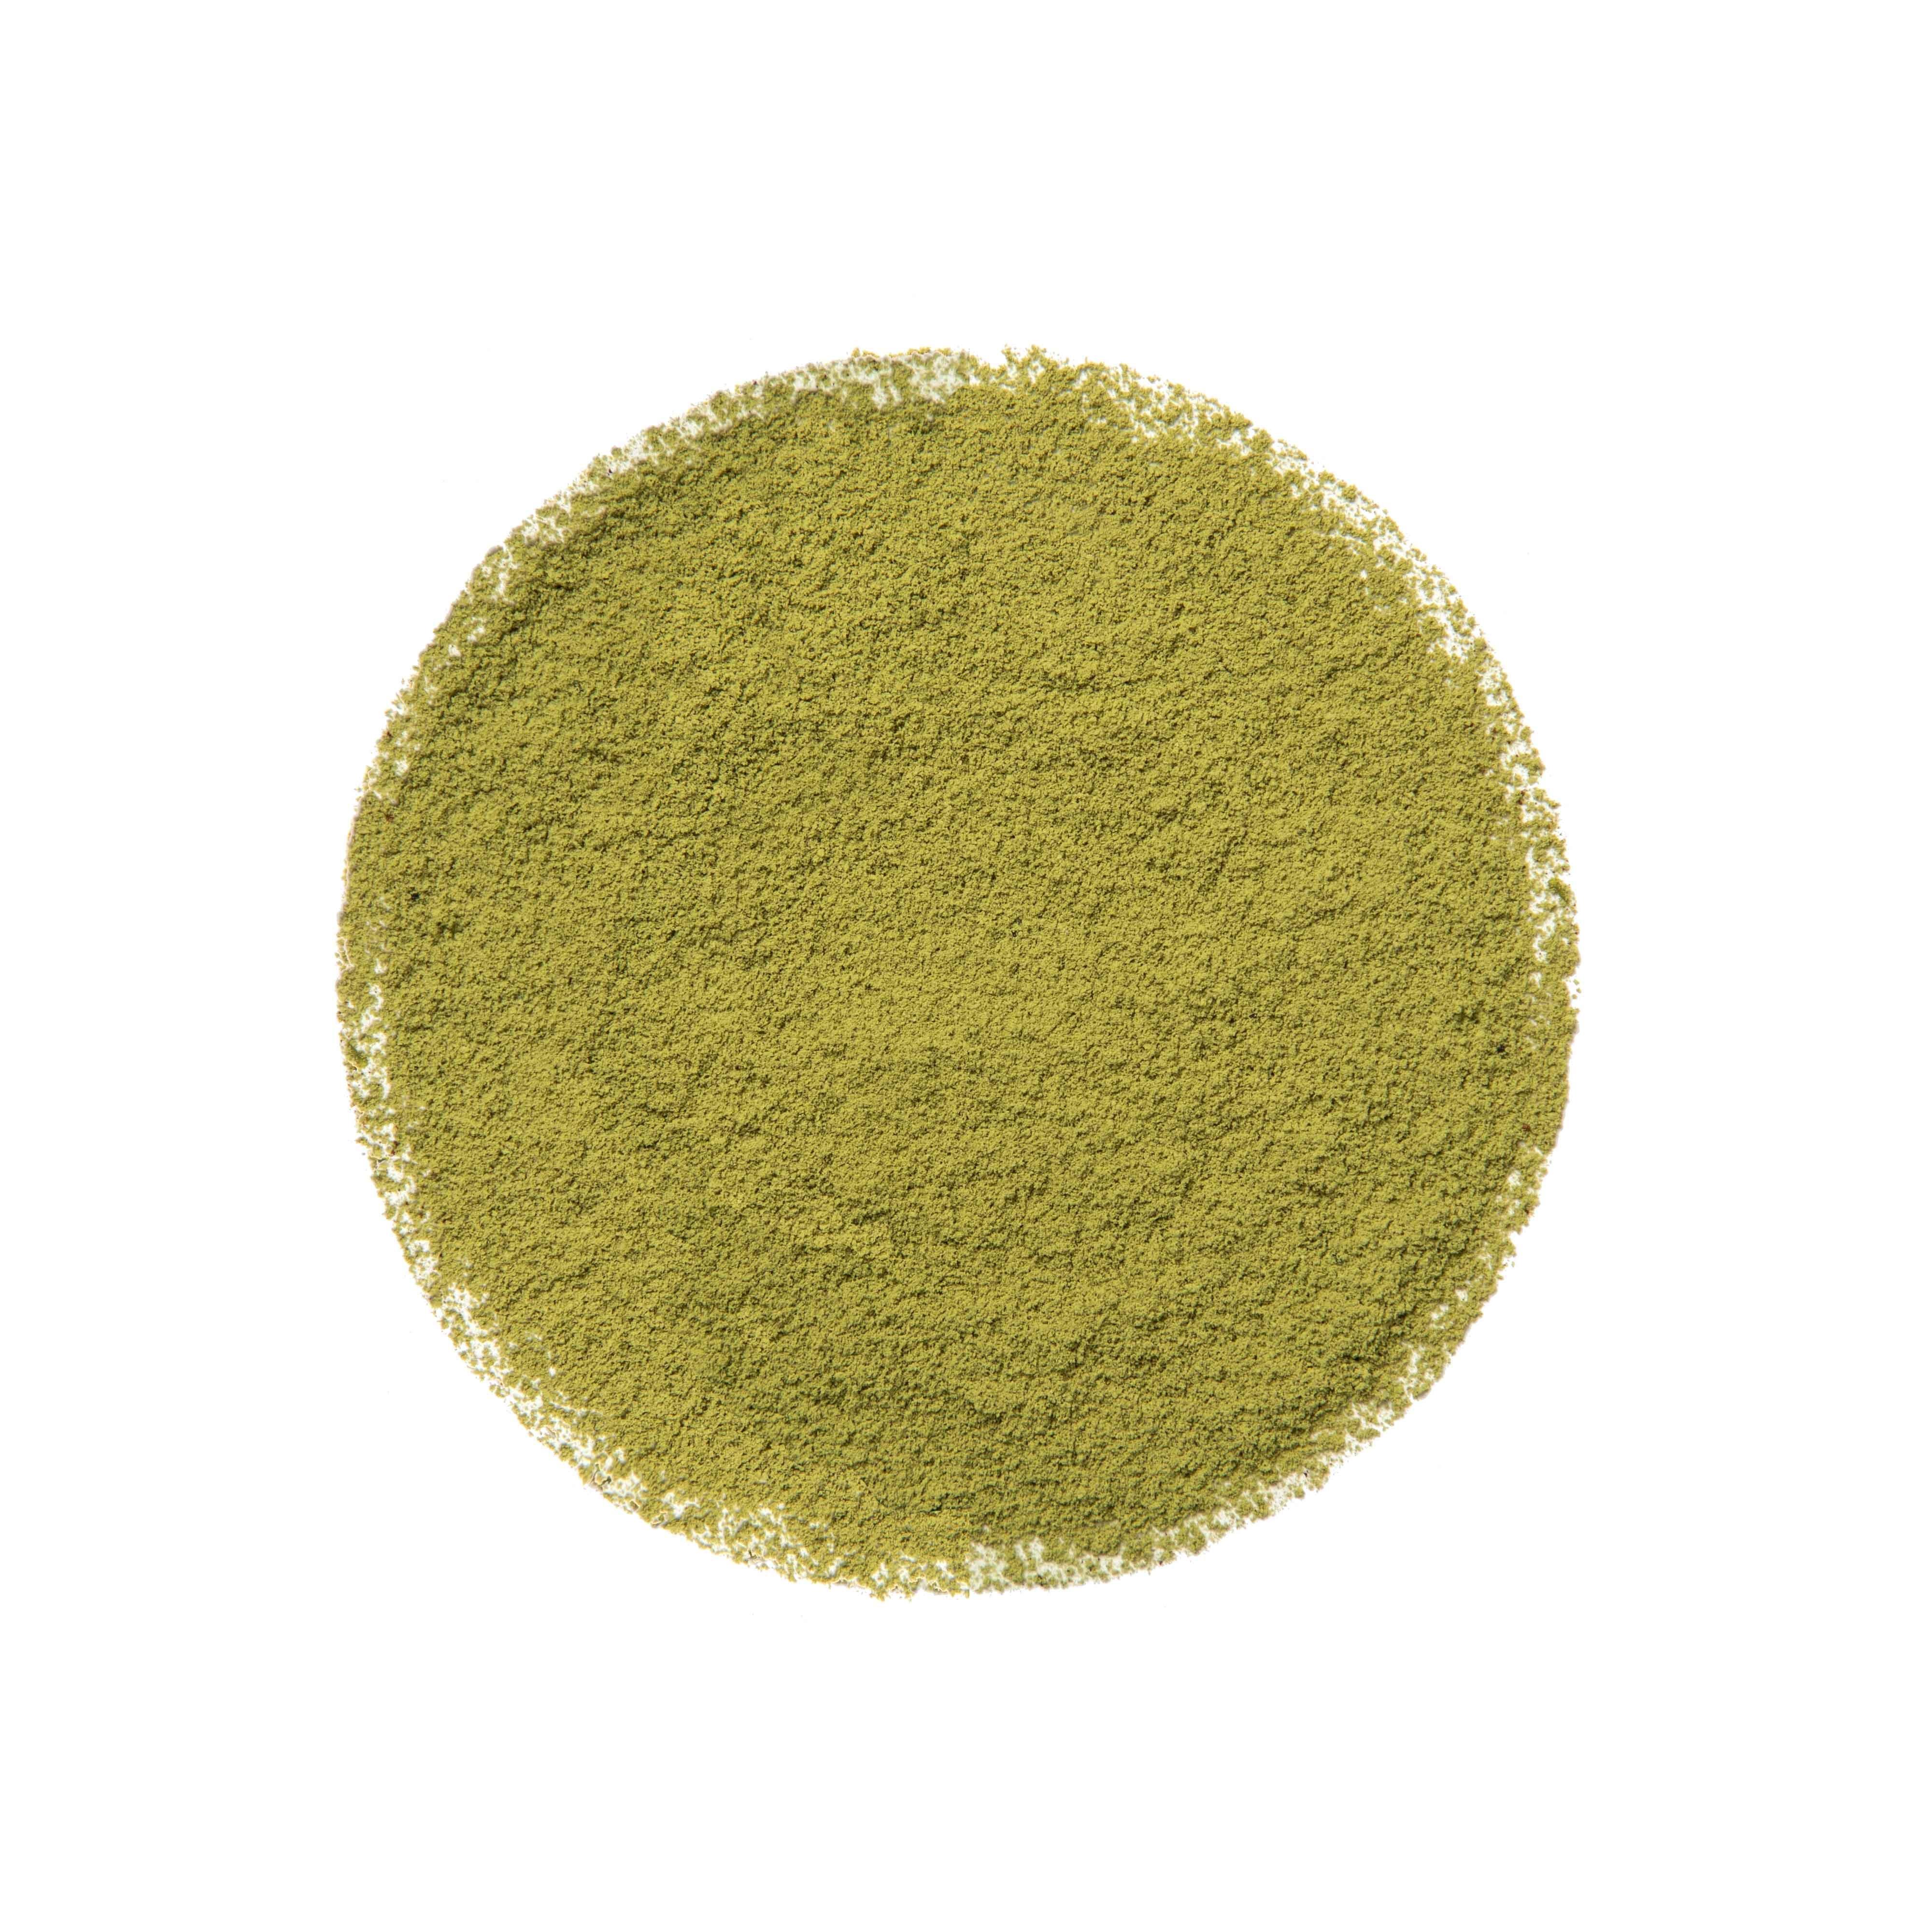 Grüner Tee-Pulver